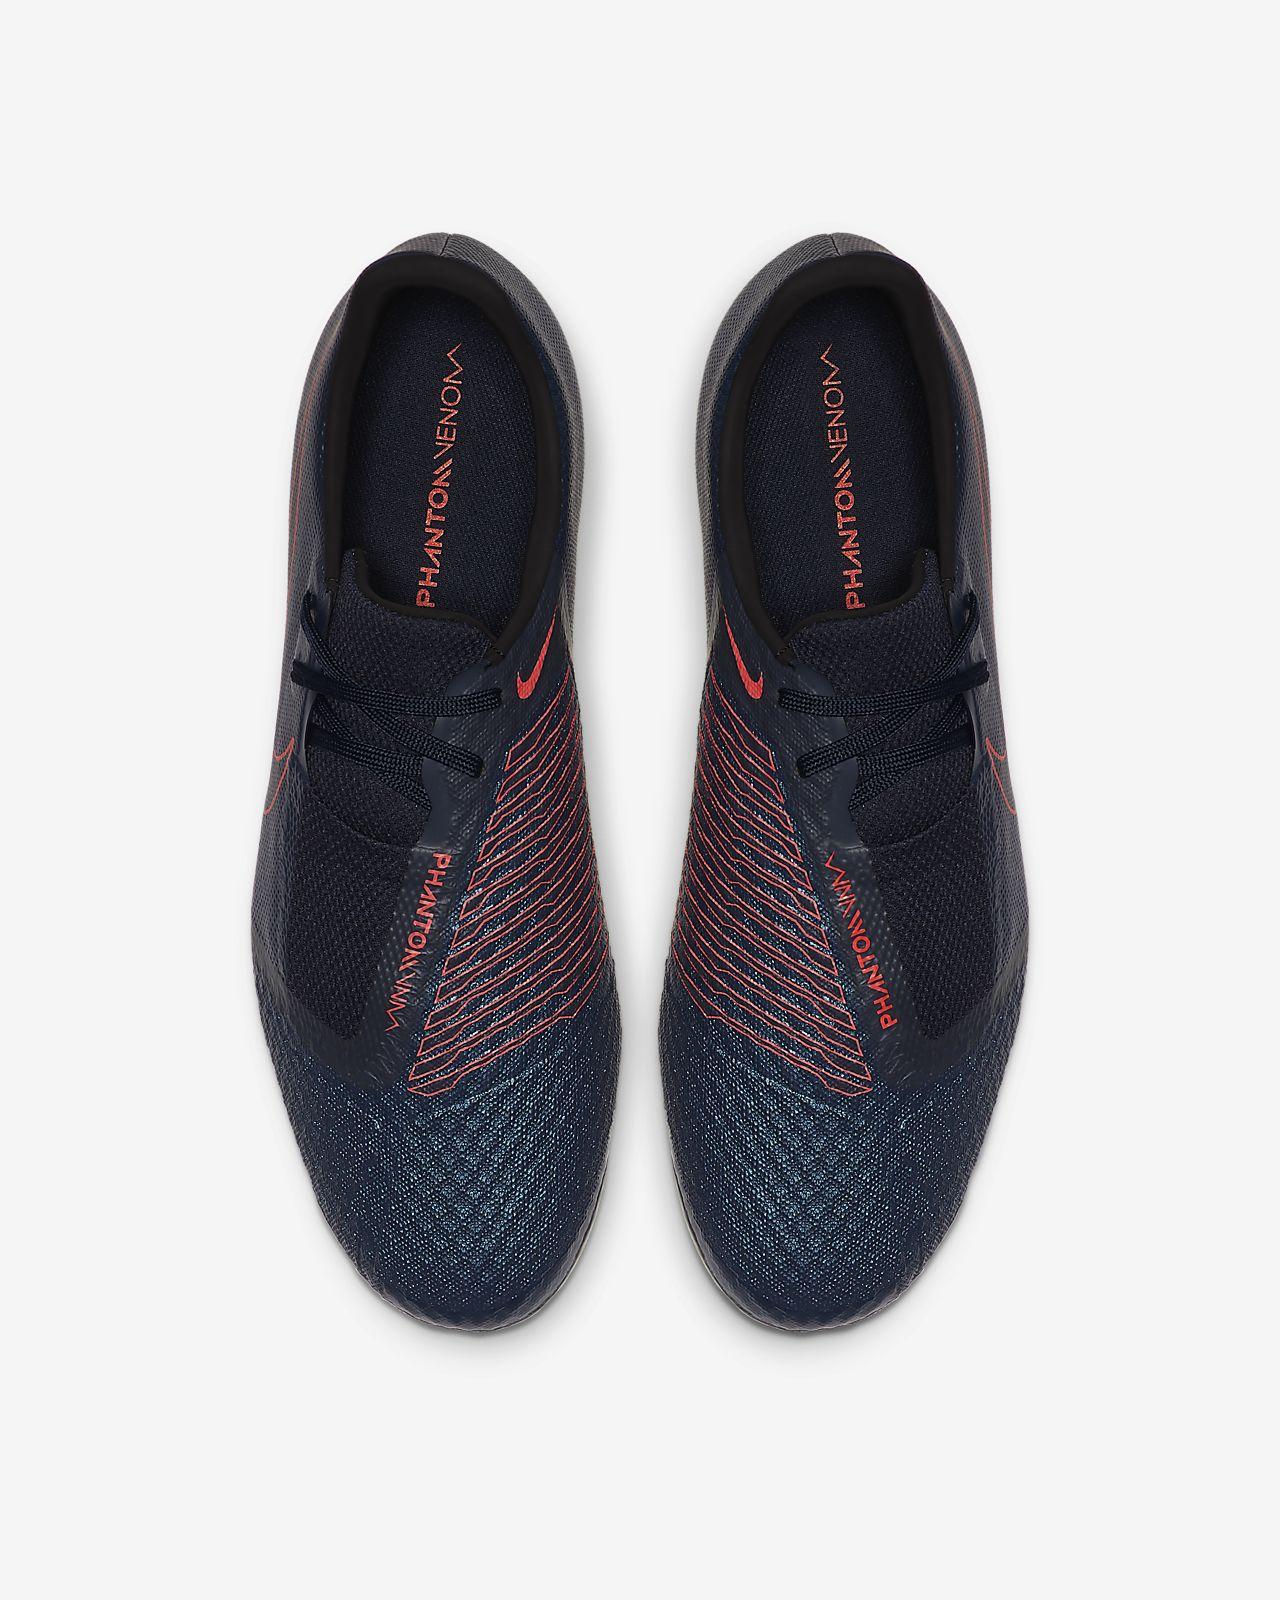 8db46952497 ... Ποδοσφαιρικό παπούτσι για σκληρές επιφάνειες Nike Phantom Venom Academy  FG